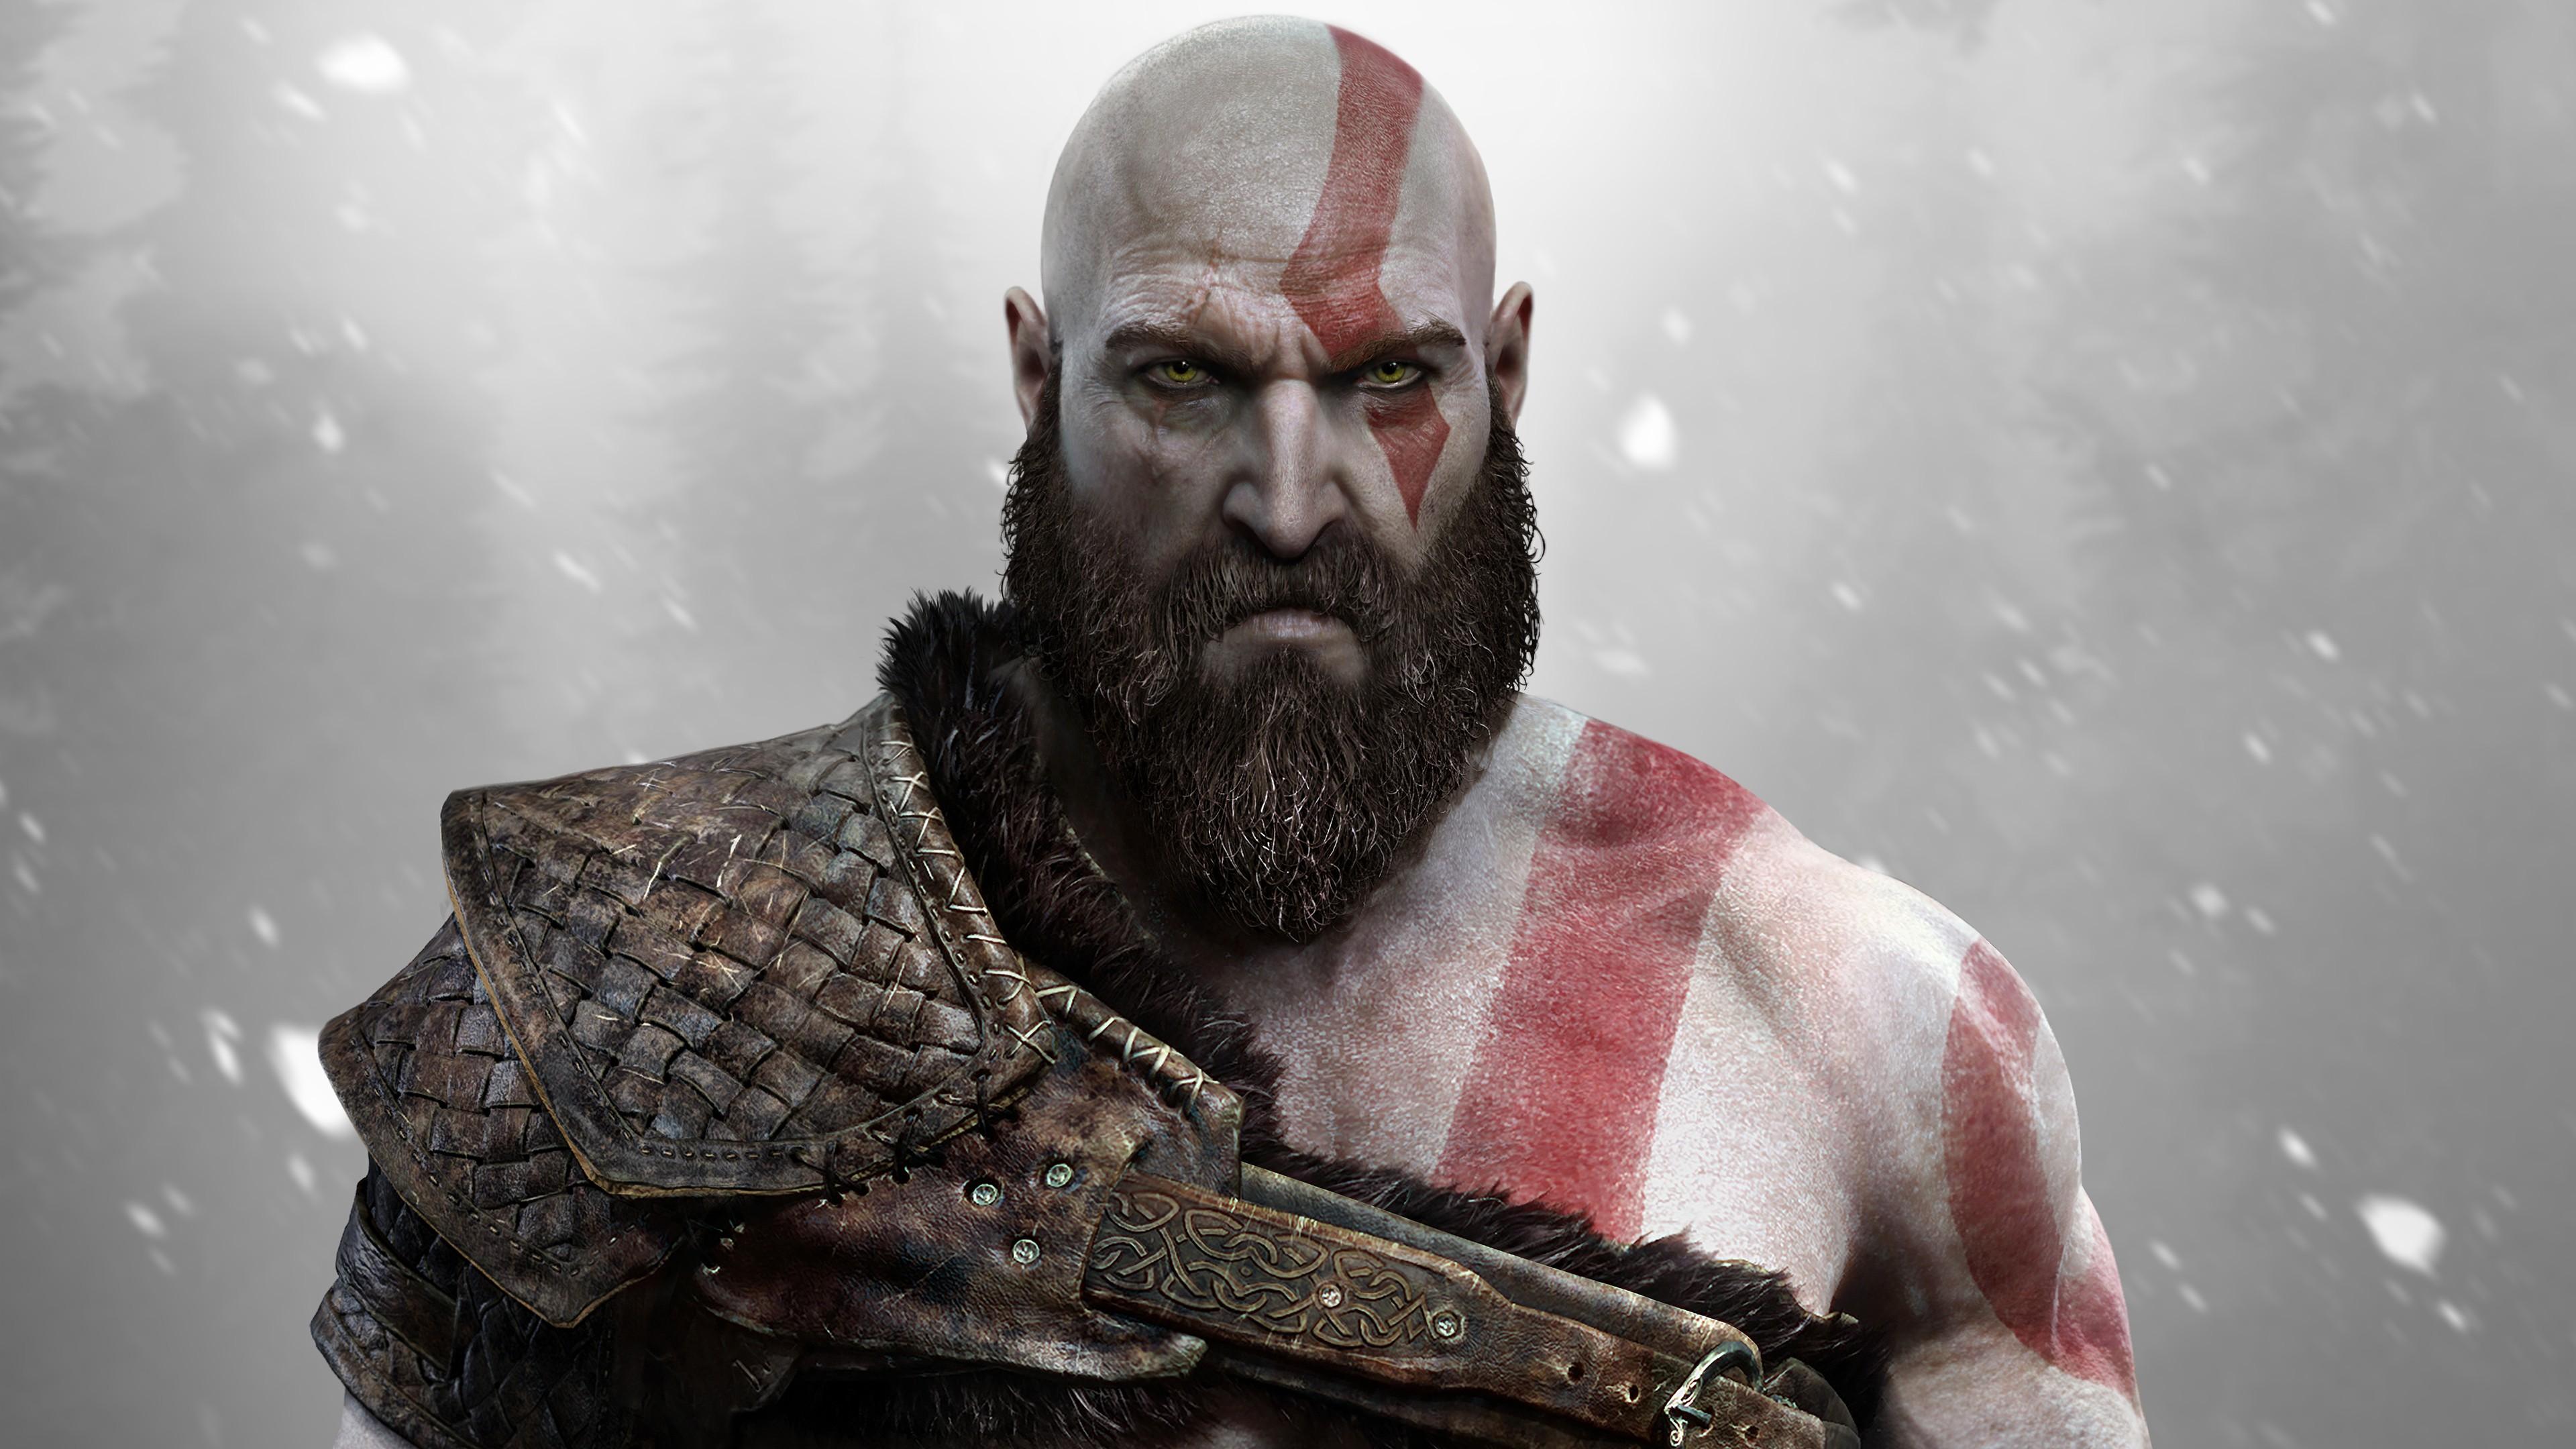 Web Design & UI/UX for the God of War 4 game